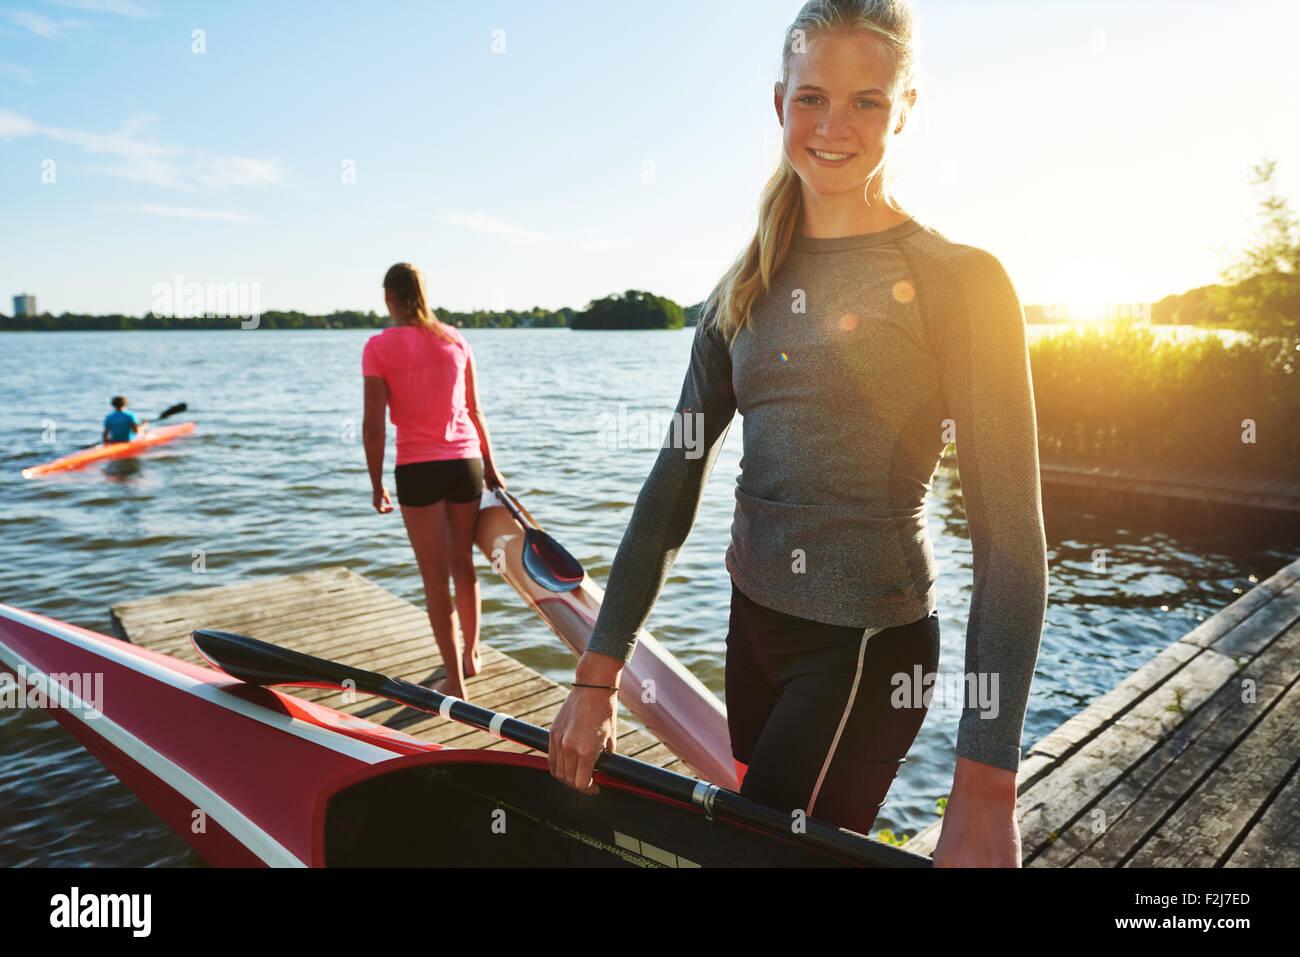 Colocar mujer con un kayak preparándose para la práctica Imagen De Stock